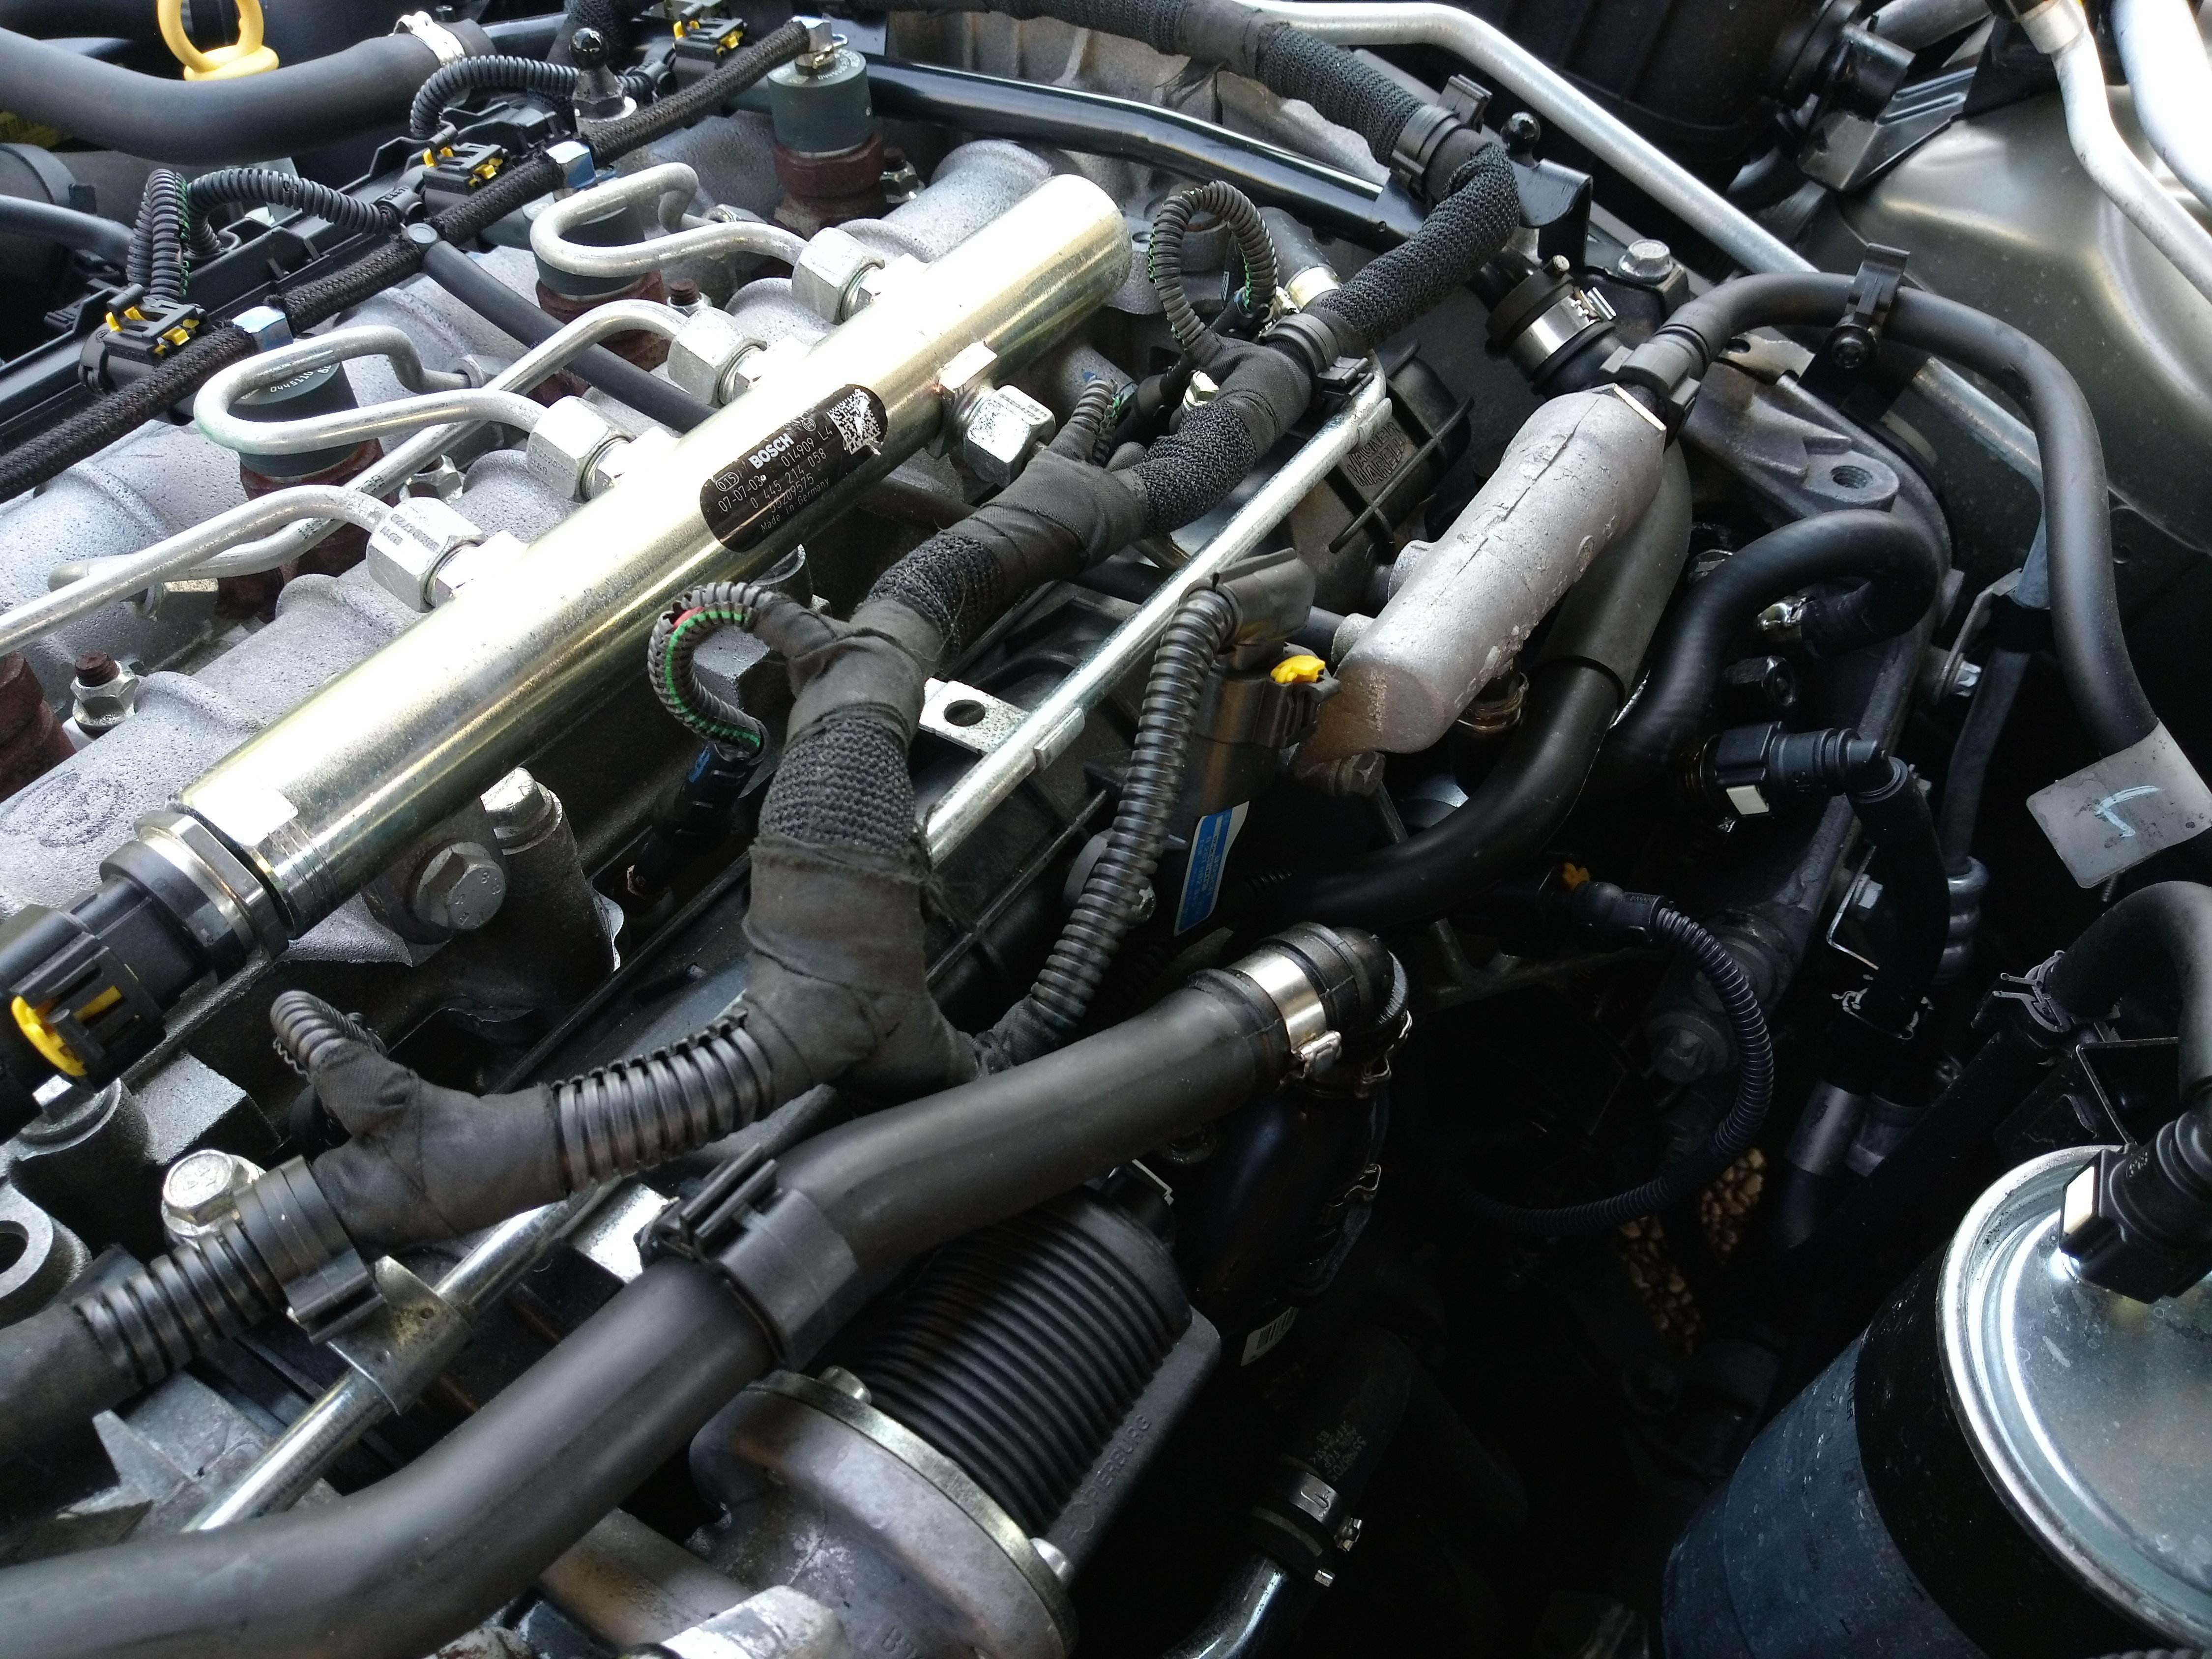 foto Eliminazione Valvole Swirl Alfa Romeo 159 Jtdm - 1